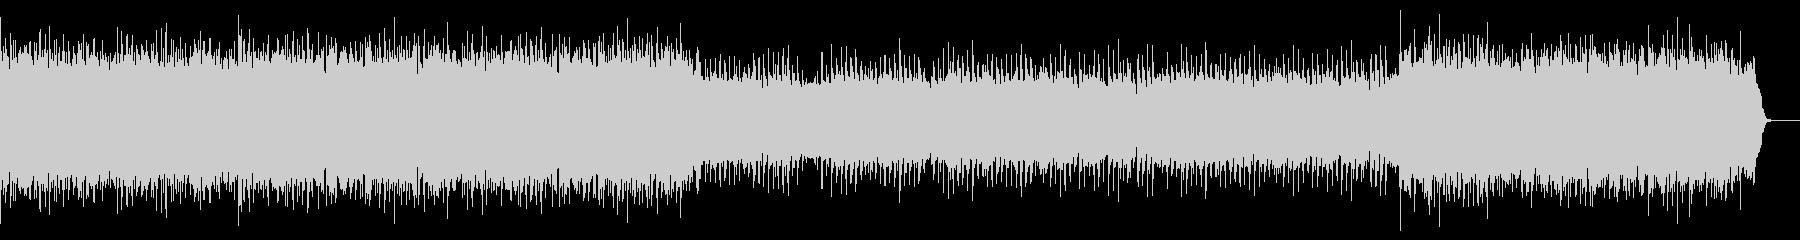 管弦楽組曲第一番 メヌエットの未再生の波形